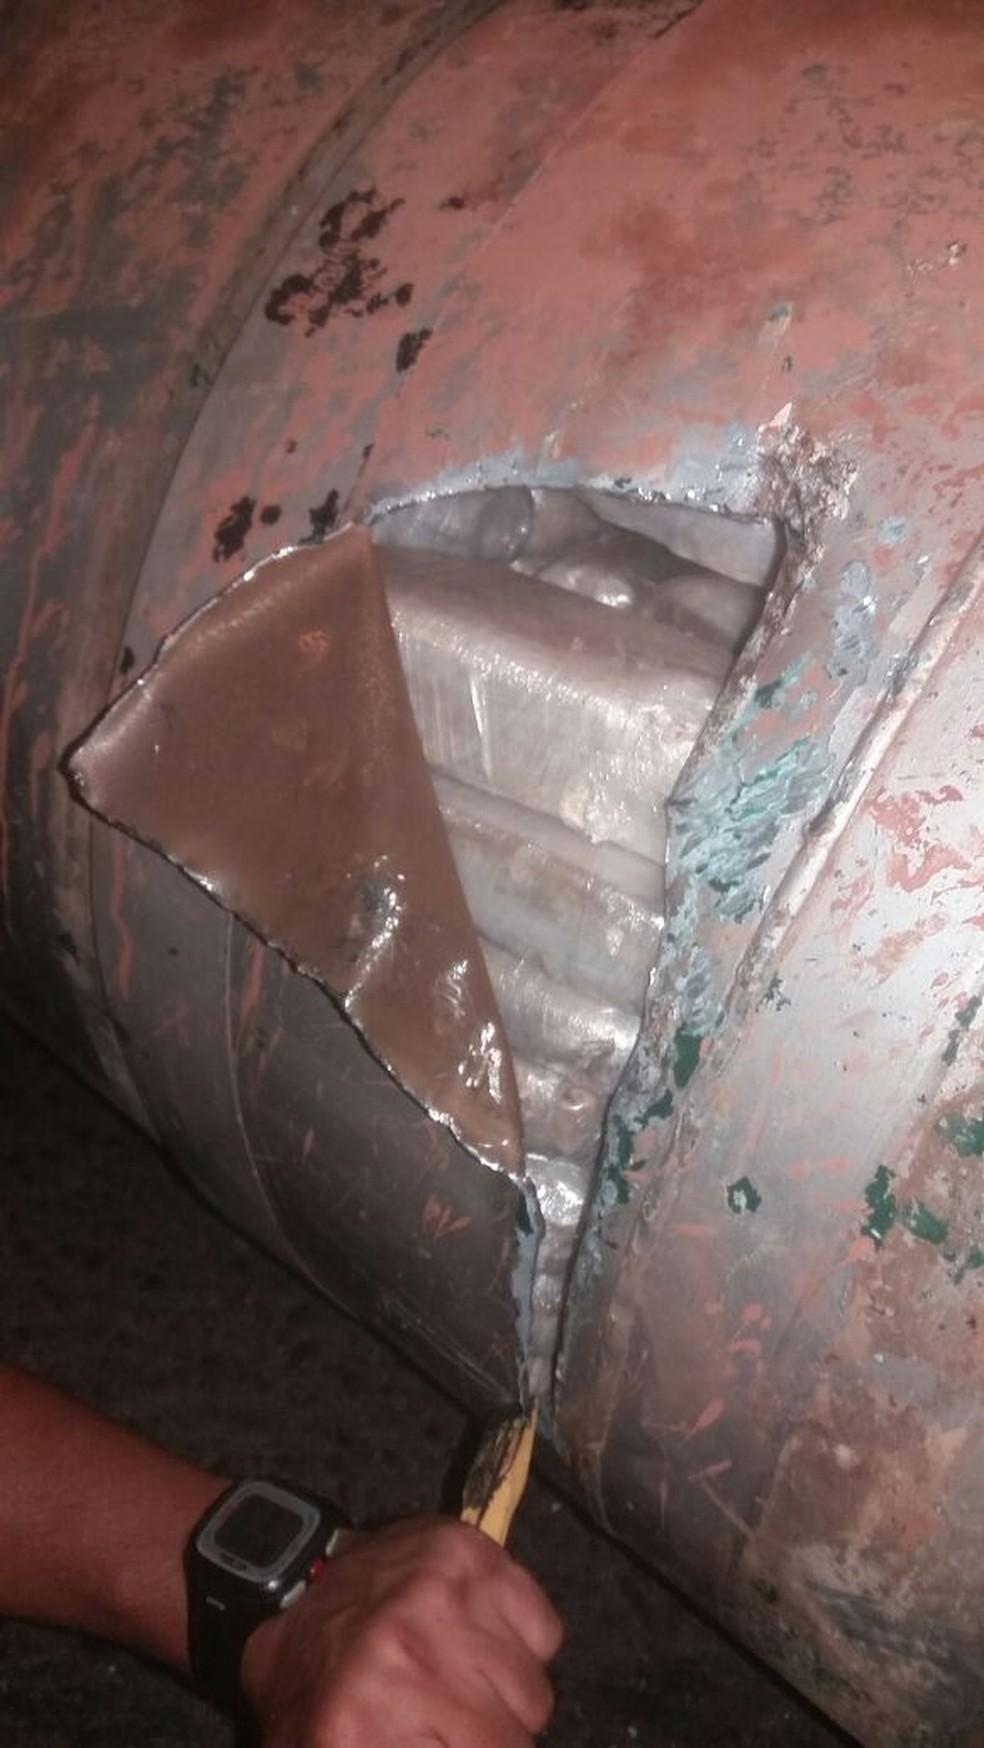 Policiais retiraram 300 tabletes de pasta base de cocaína de dentro do tanque de combustível (Foto: Polícia Federal de MT/Assessoria)